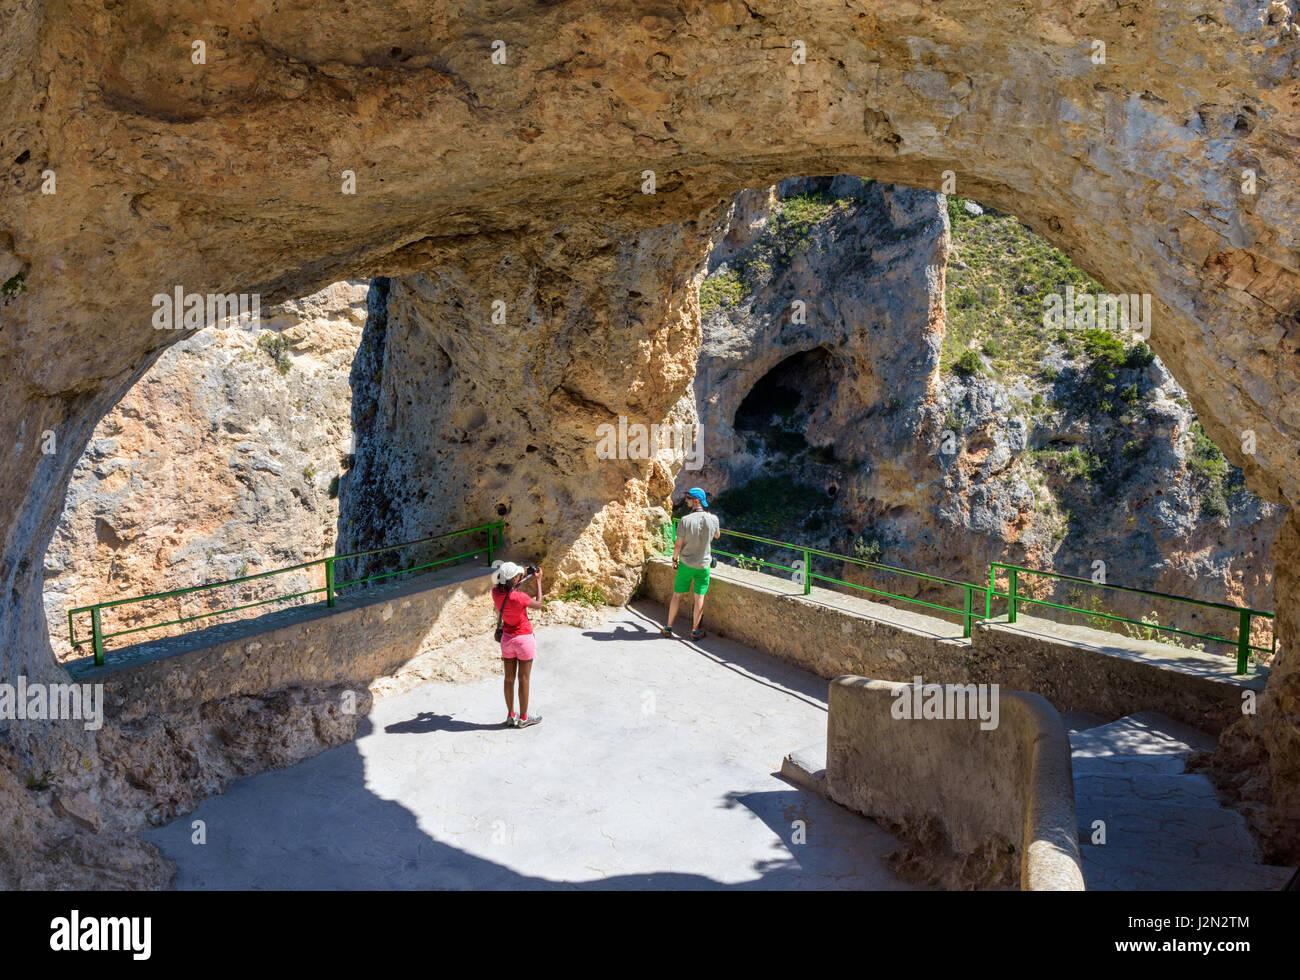 Tourists at the Ventano del Diablo, Castilla La Mancha, Spain - Stock Image